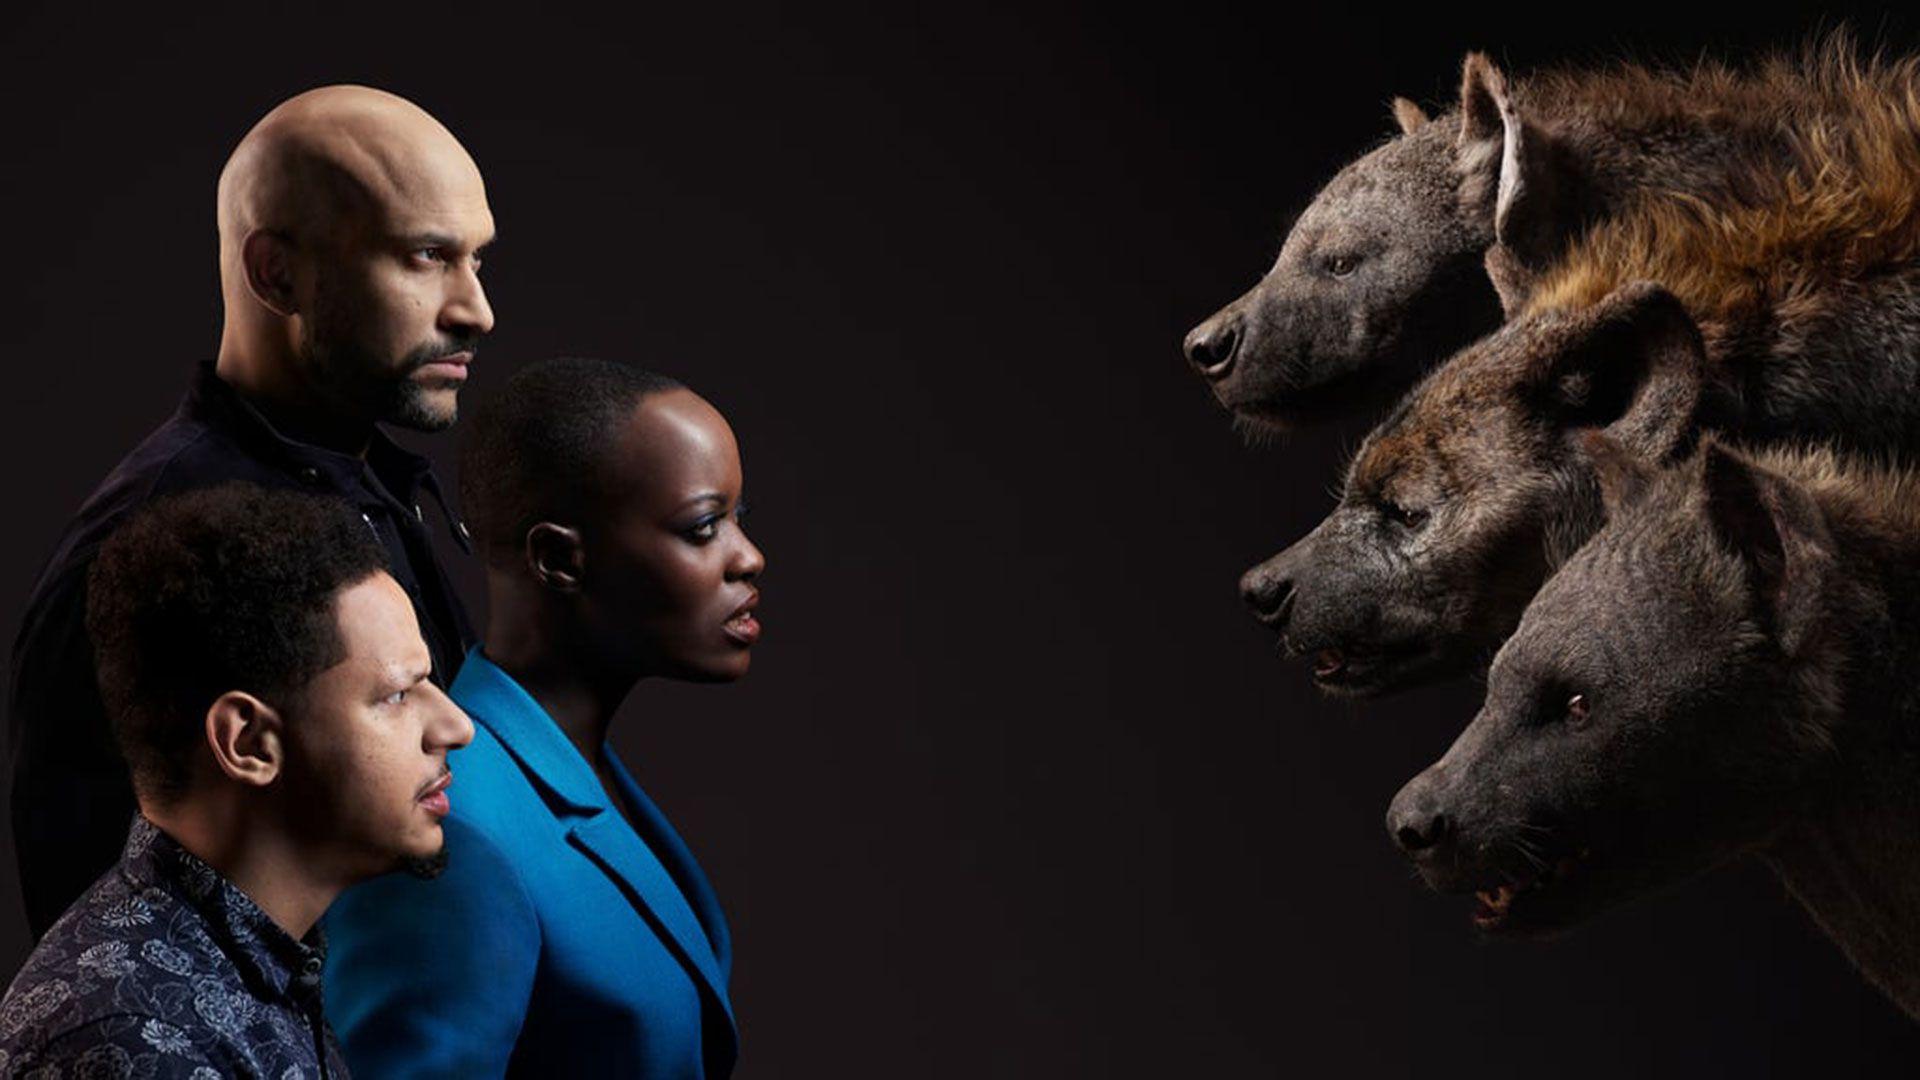 Los actores que doblaron la versión en inglés. De adelante hacia atrás: Eric André, Florence Kasumba y Keegan-Michael Key con las hienas Azizi, Shenzi y Kamari.